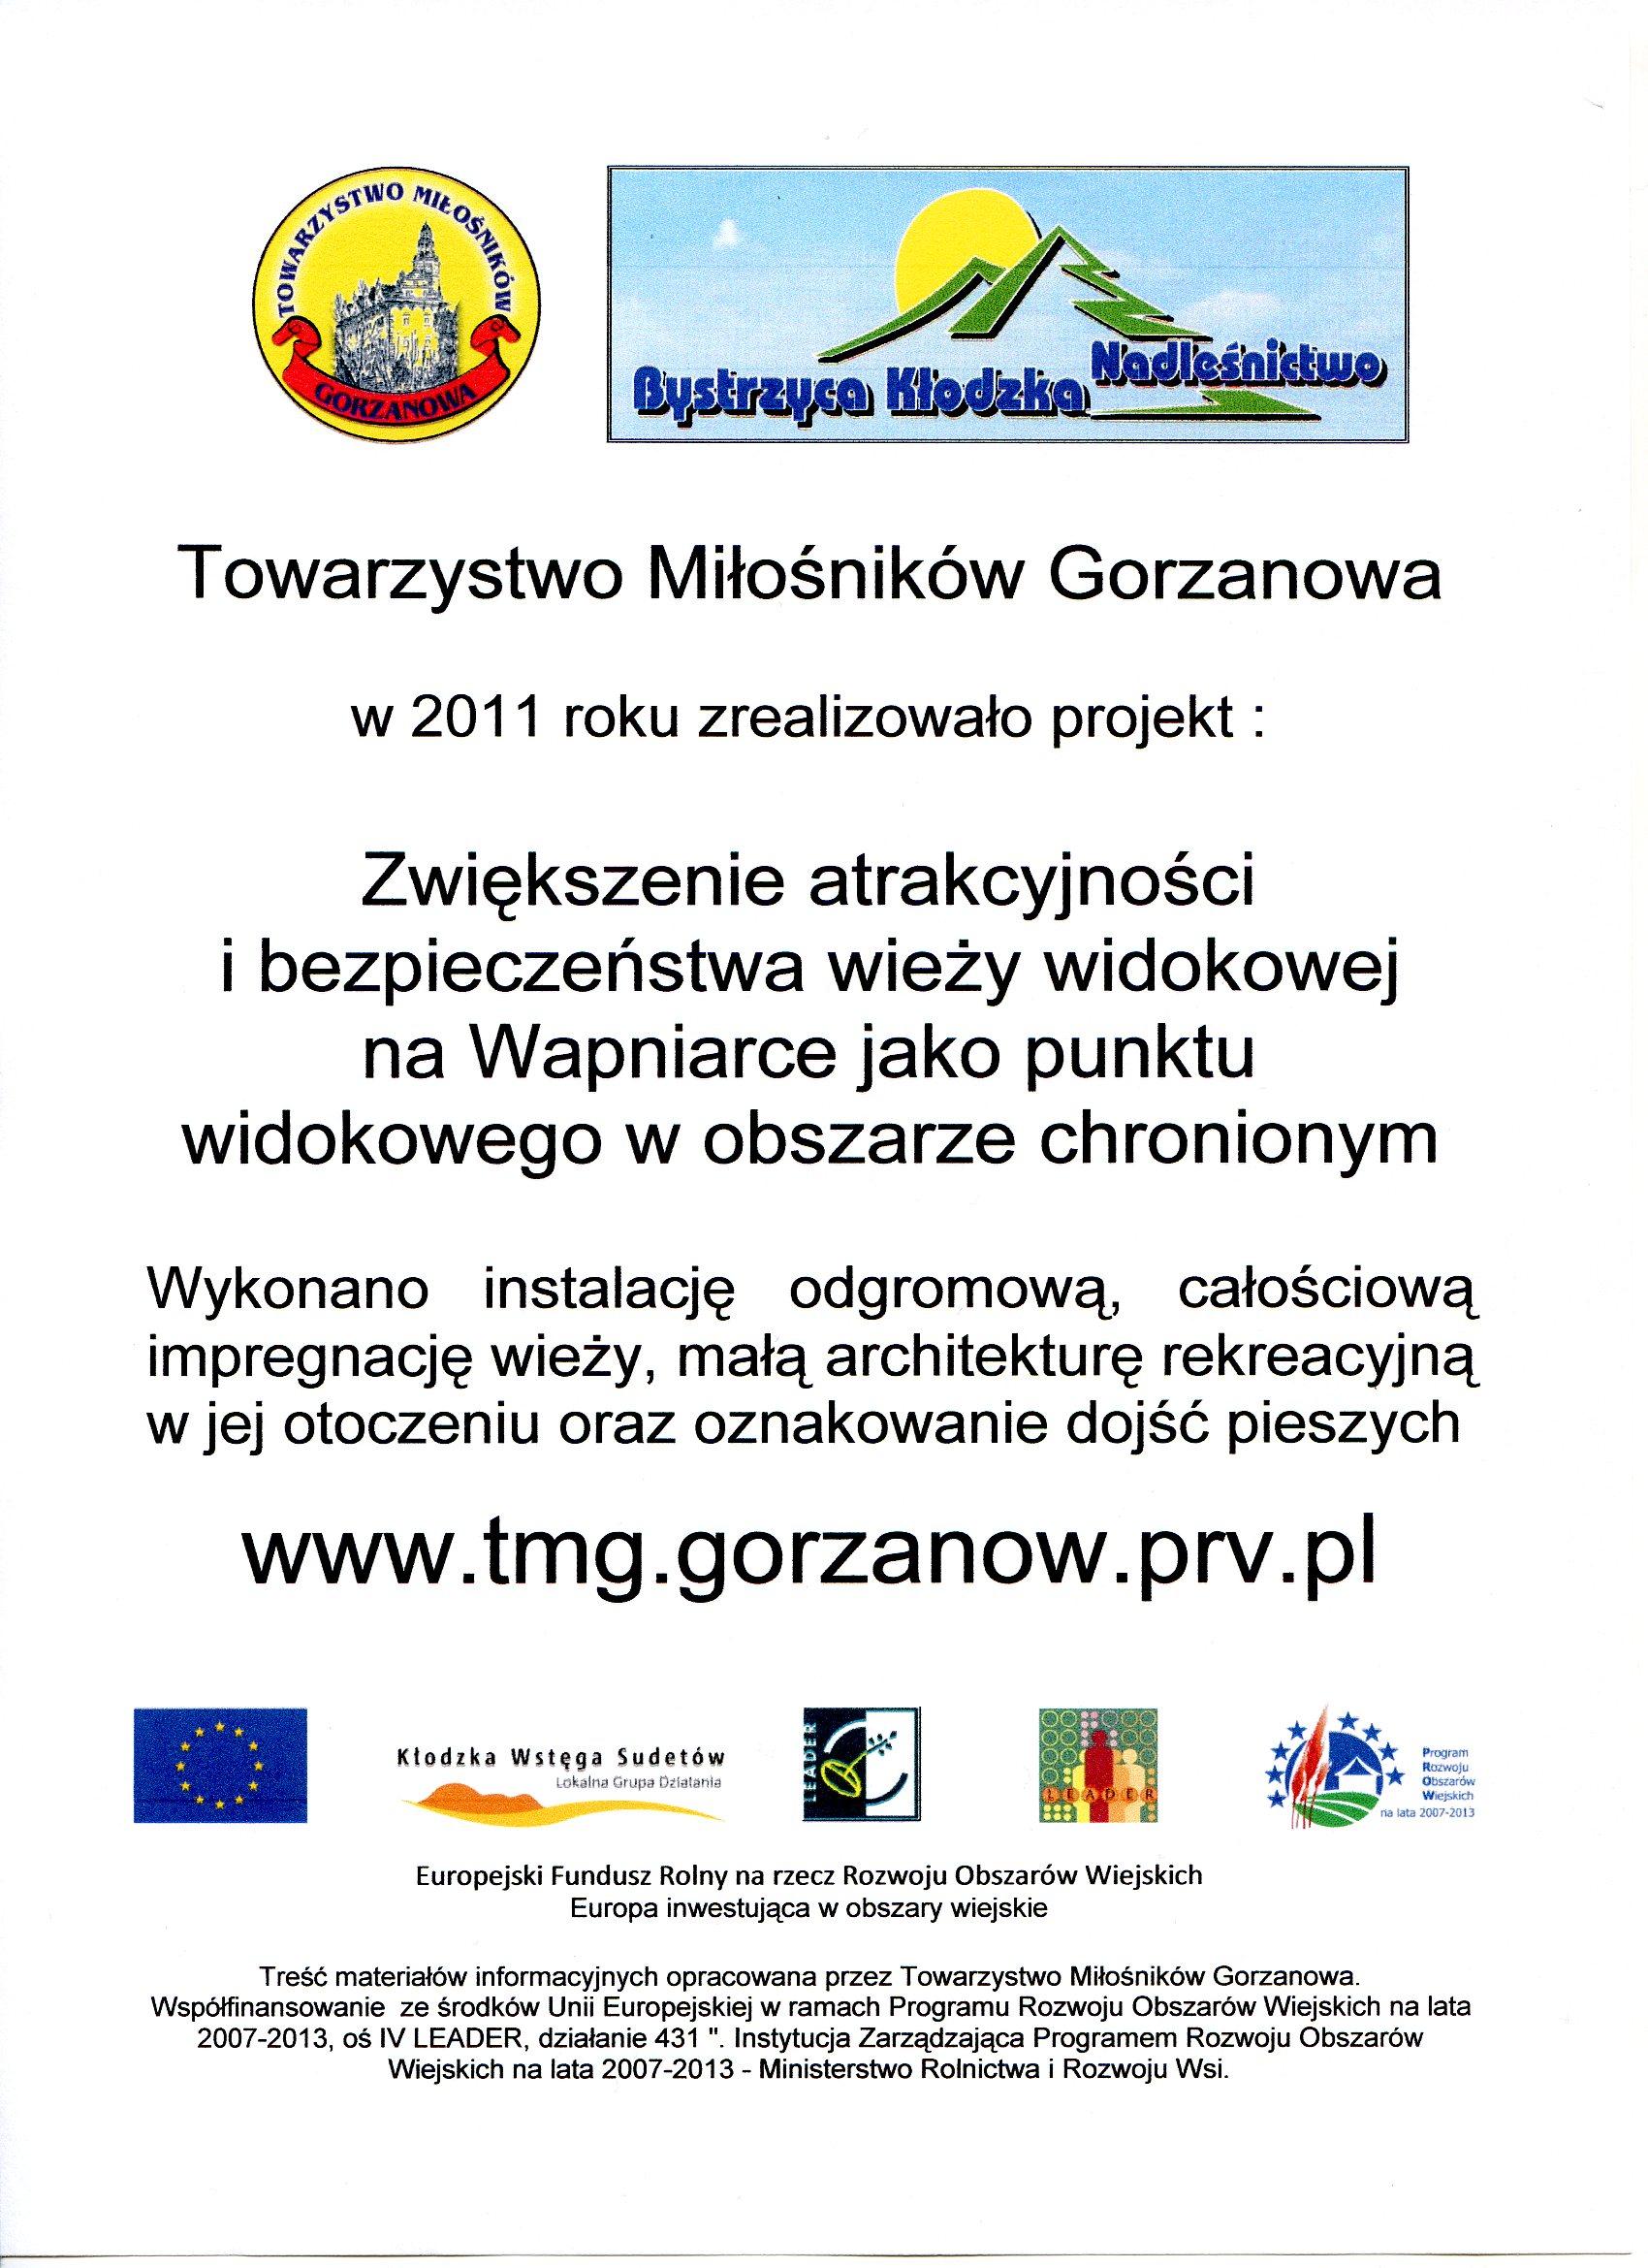 wieza_info_leader567